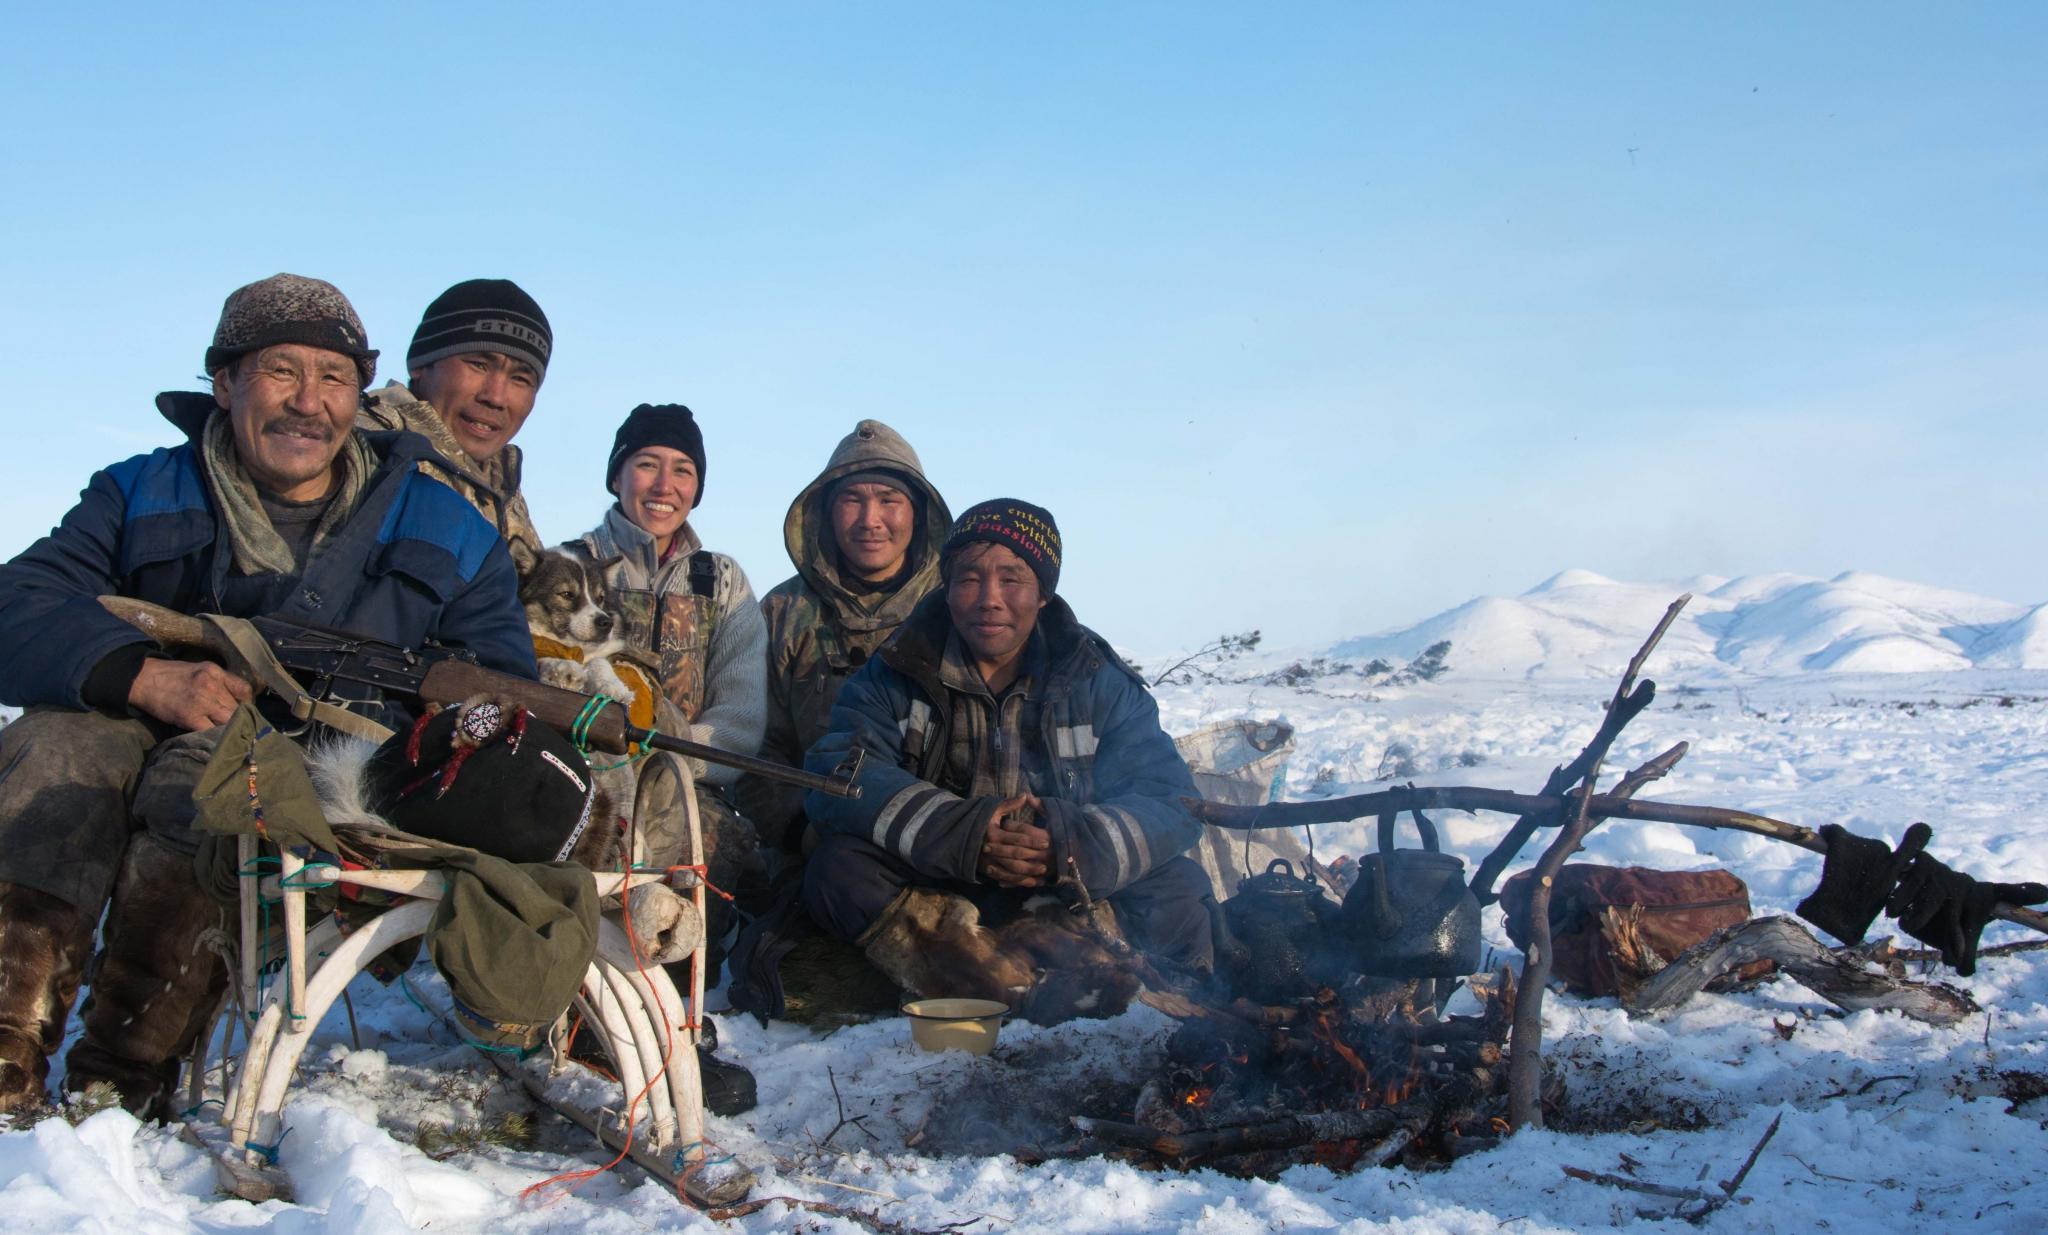 récit,voyage,linda bortoletto,alaska,sibérie,le passeur éditeur,chemin d'étoile,voyage initiatique